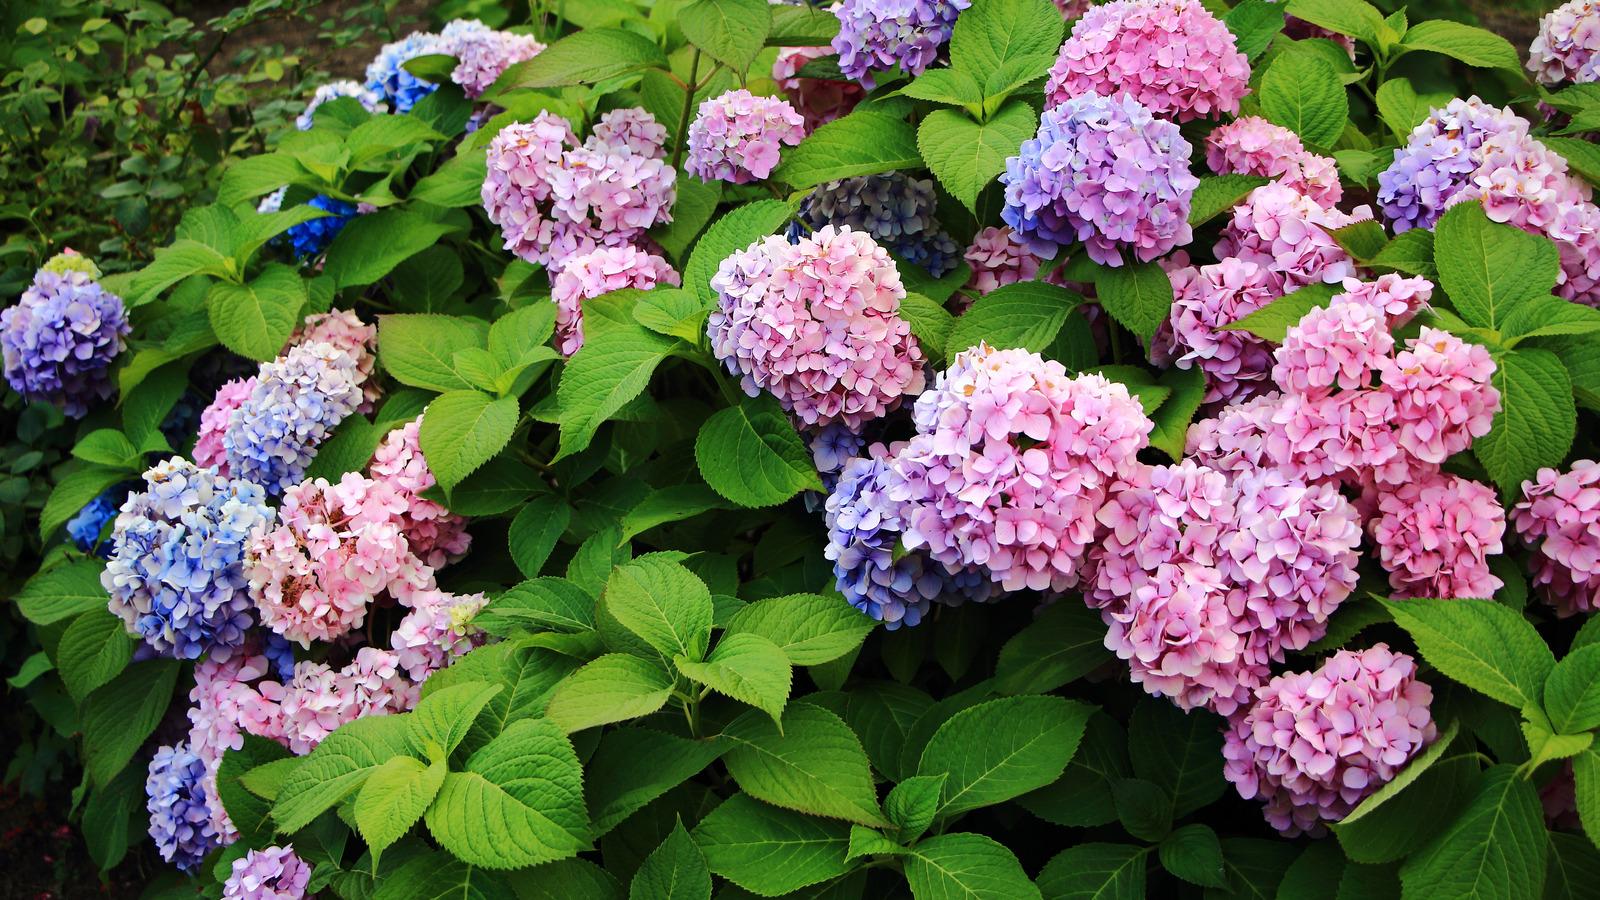 Những sai lầm dễ gặp phải khi trồng hoa cẩm tú cầu - Ảnh 1.